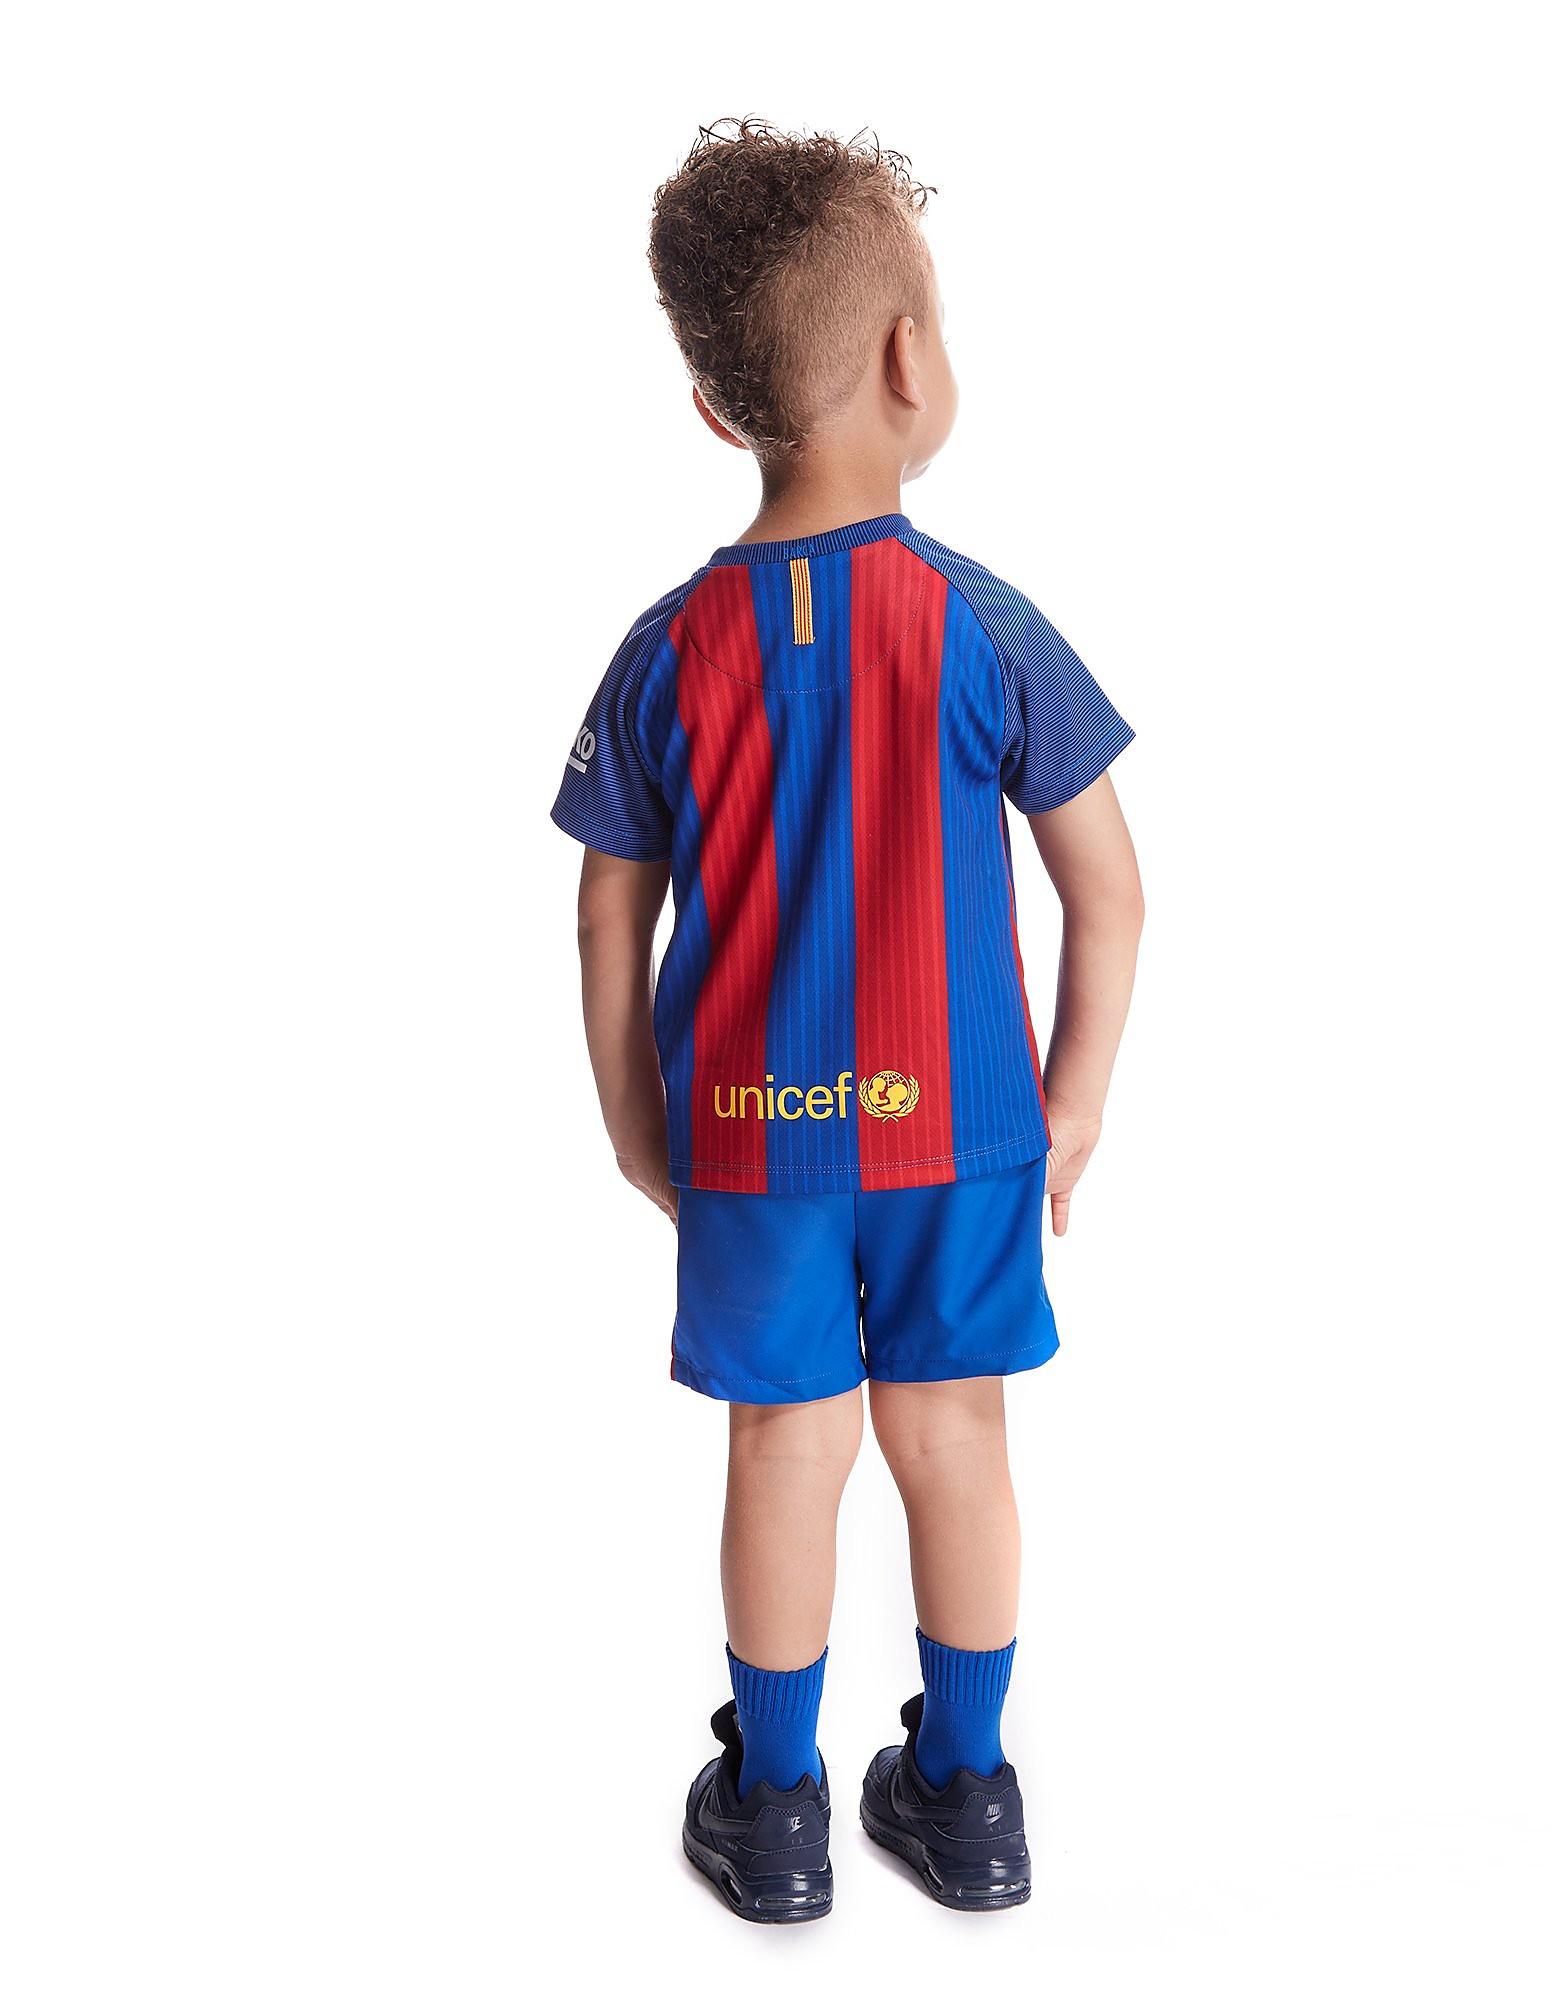 Nike FC Barcelona 2016/17 hemmaställ för baby